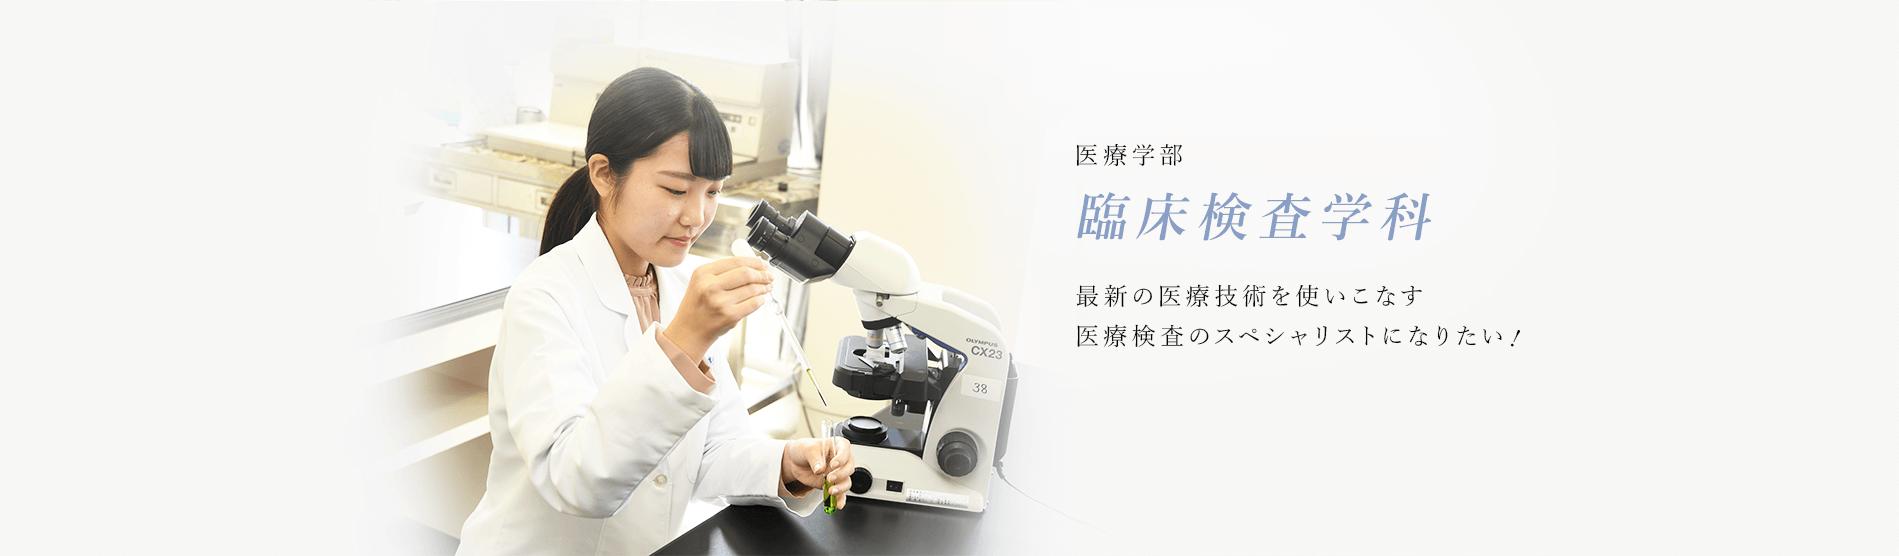 医療学部 臨床検査学科 最新の医療技術を使いこなす 医療検査のスペシャリストになりたい!